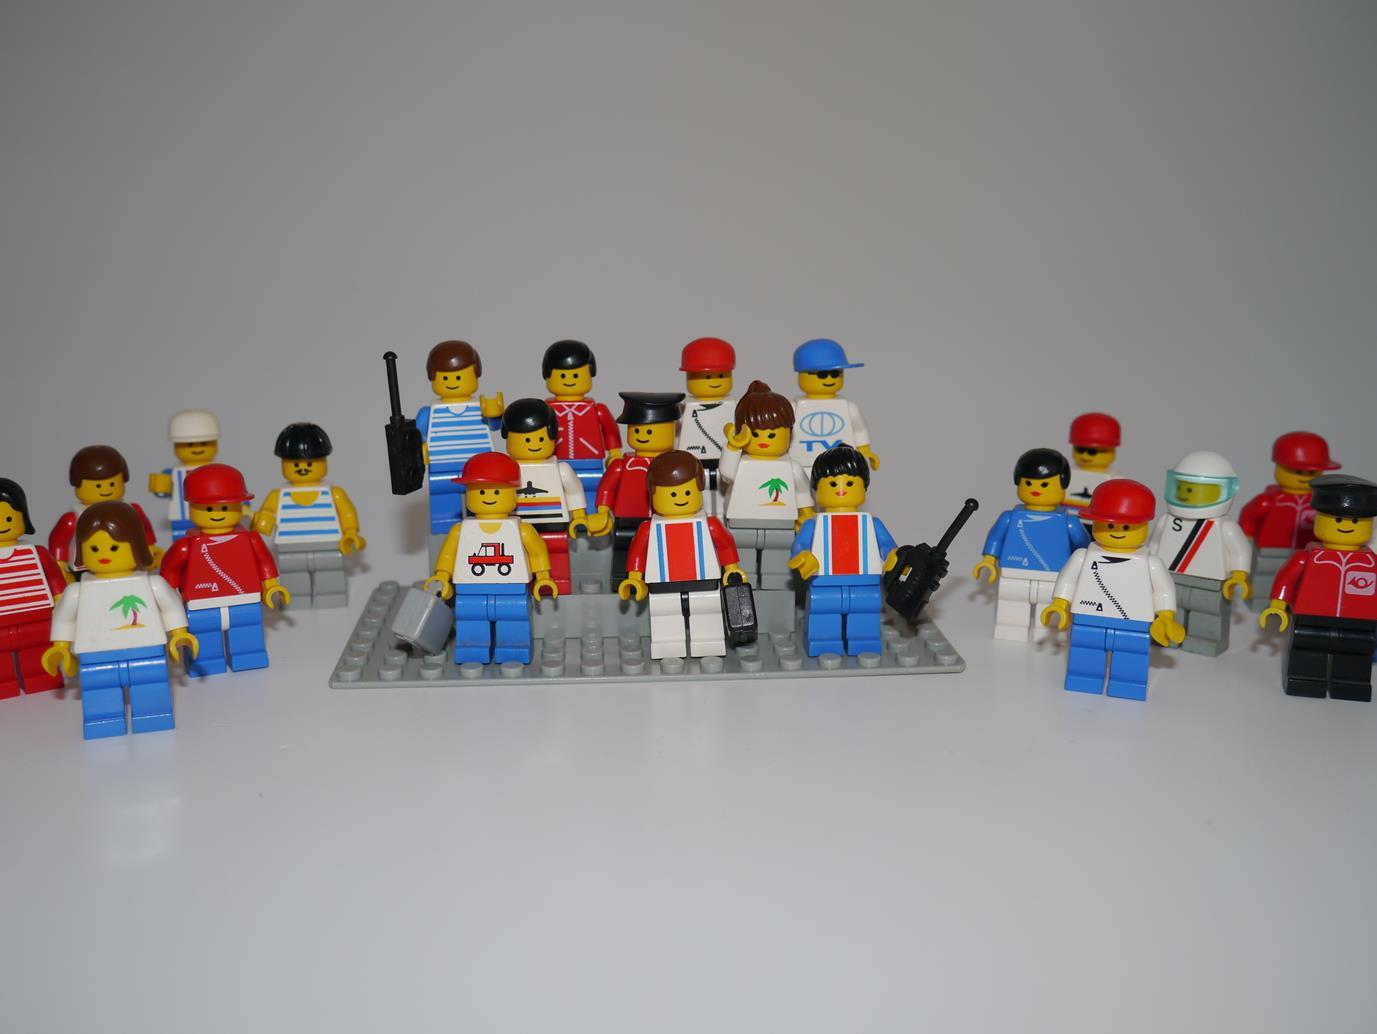 Lego Eisenbahn TRAIN Anzeigentafel Tafel Fahrplan Uhrzeiten MODERN RC III